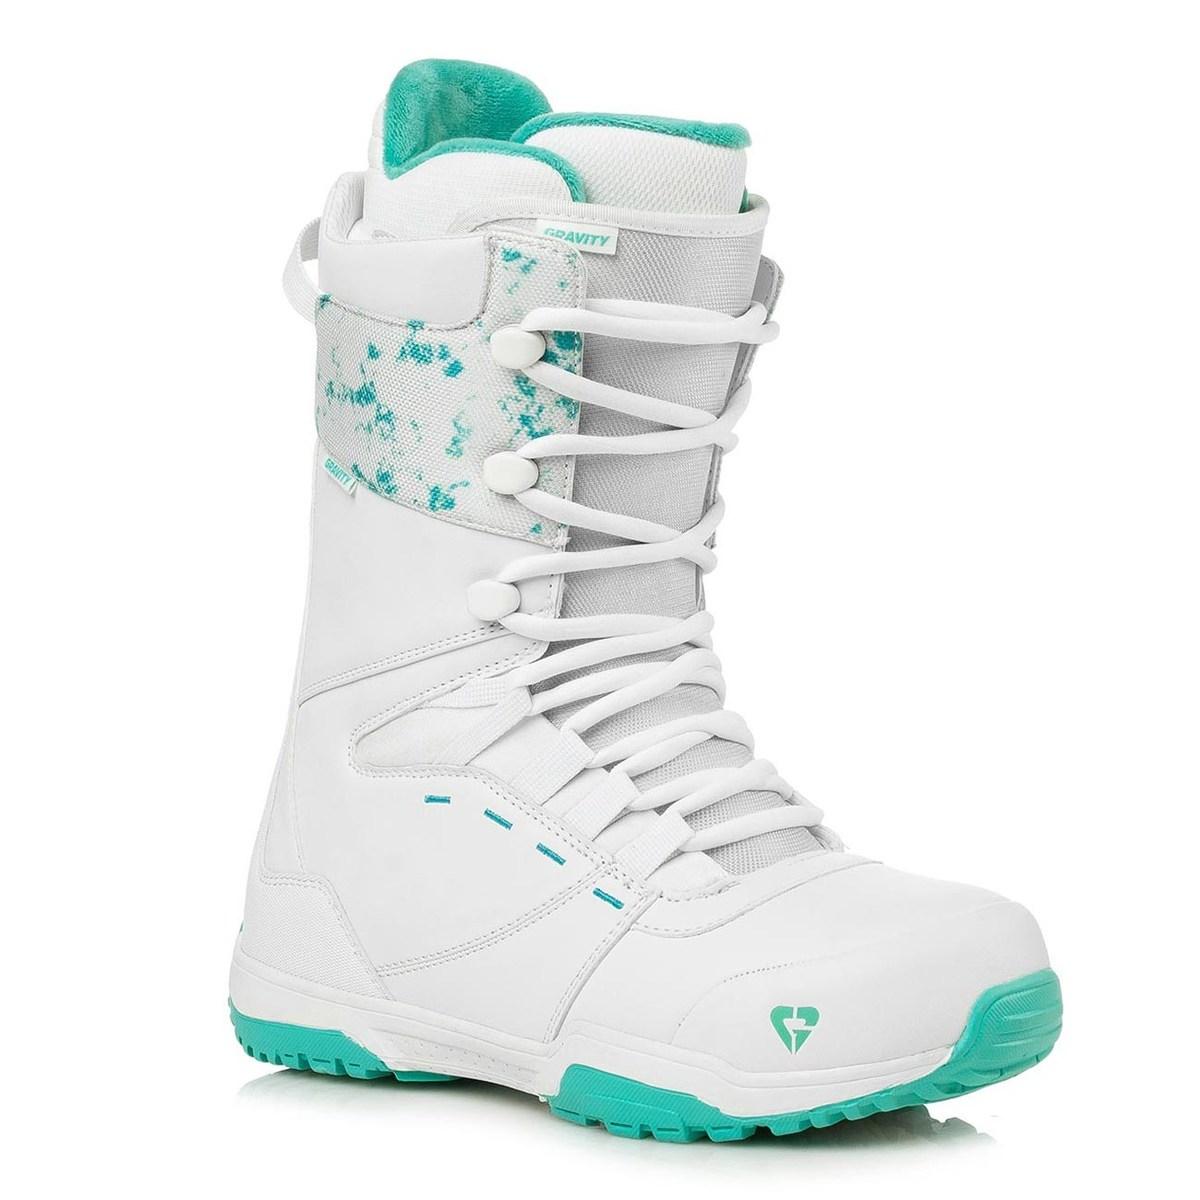 Snowboardové boty Gravity Bliss Lady 18/19 bílá/zelená 7 (41)